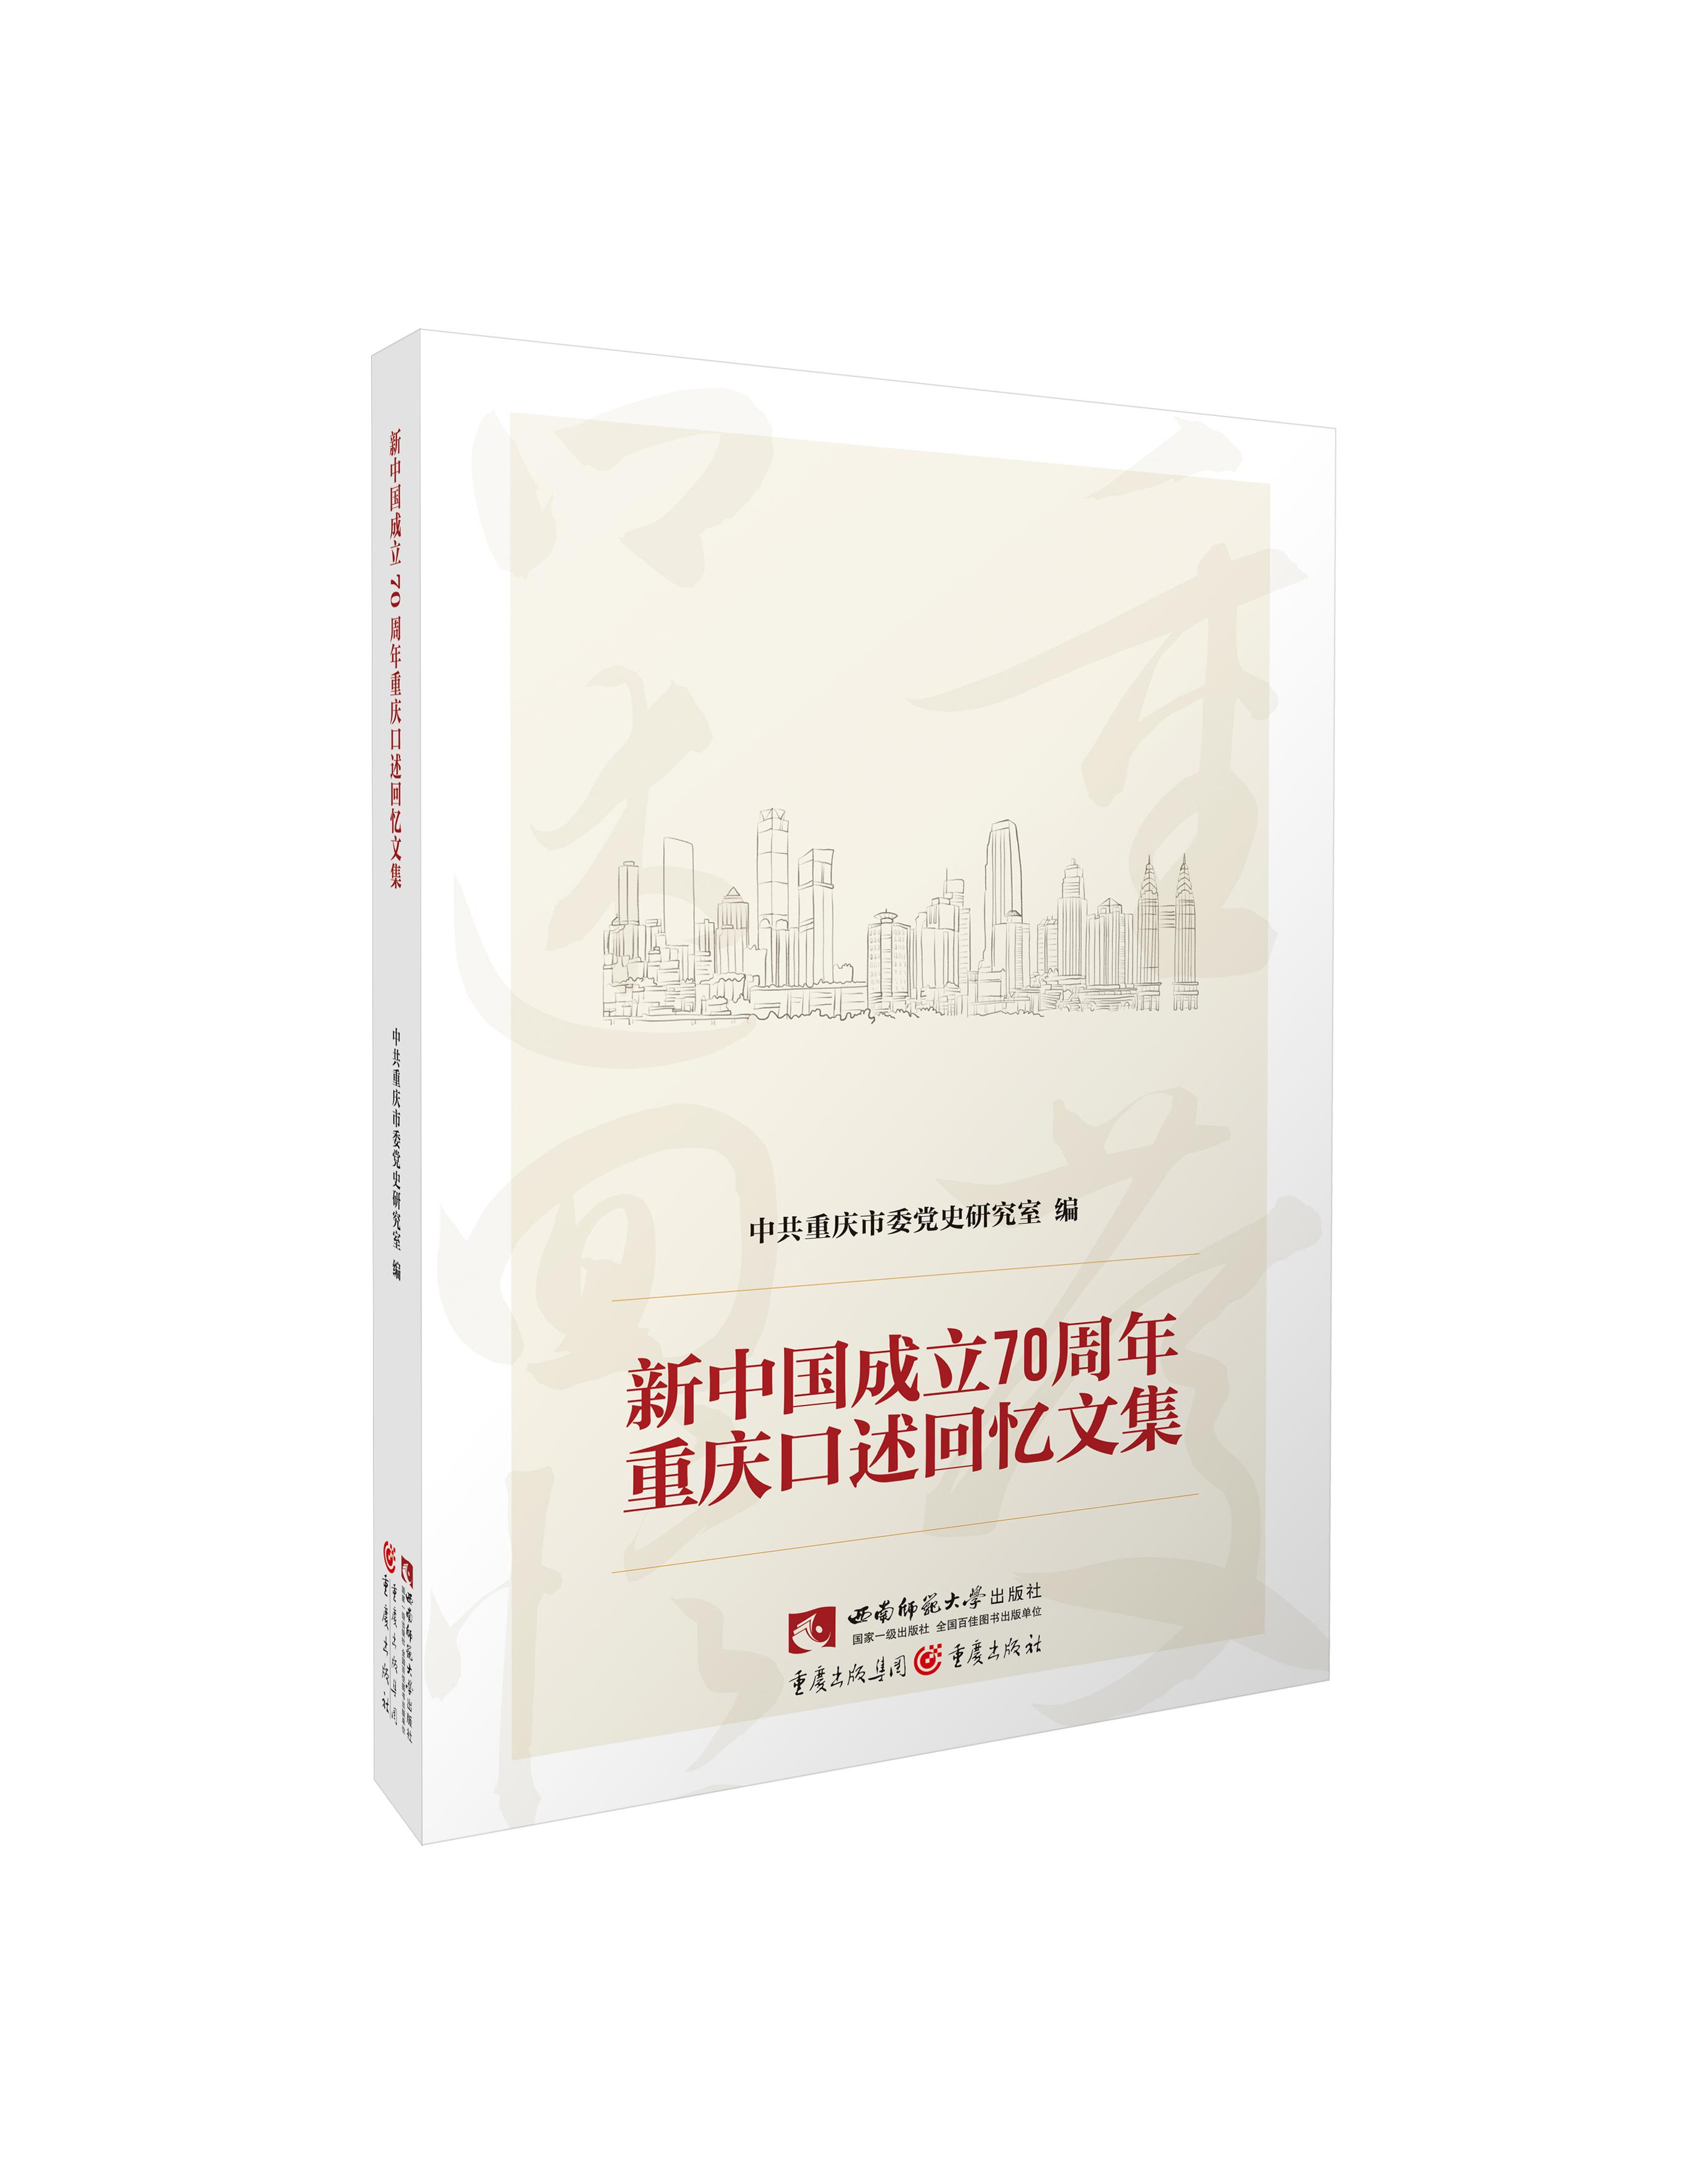 《新中国成立70周年重庆口述回忆文集》 明日出版发行